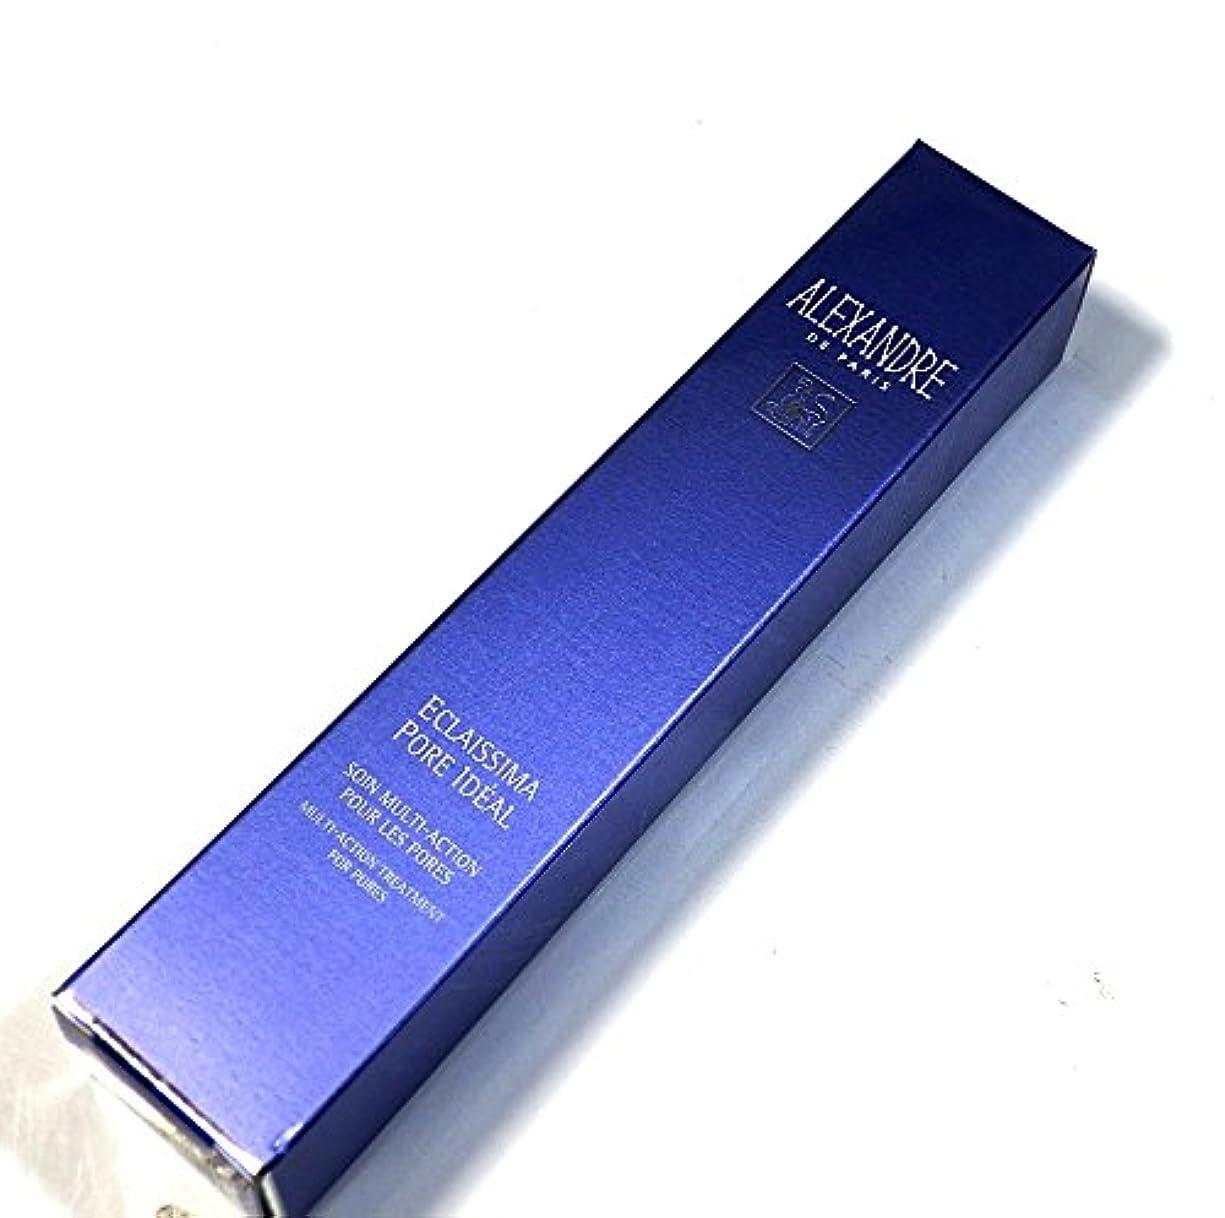 等しい器用アレクサンドル ドゥ パリ エクラシマ ポア イデアル(毛穴美容液)30mL 新品